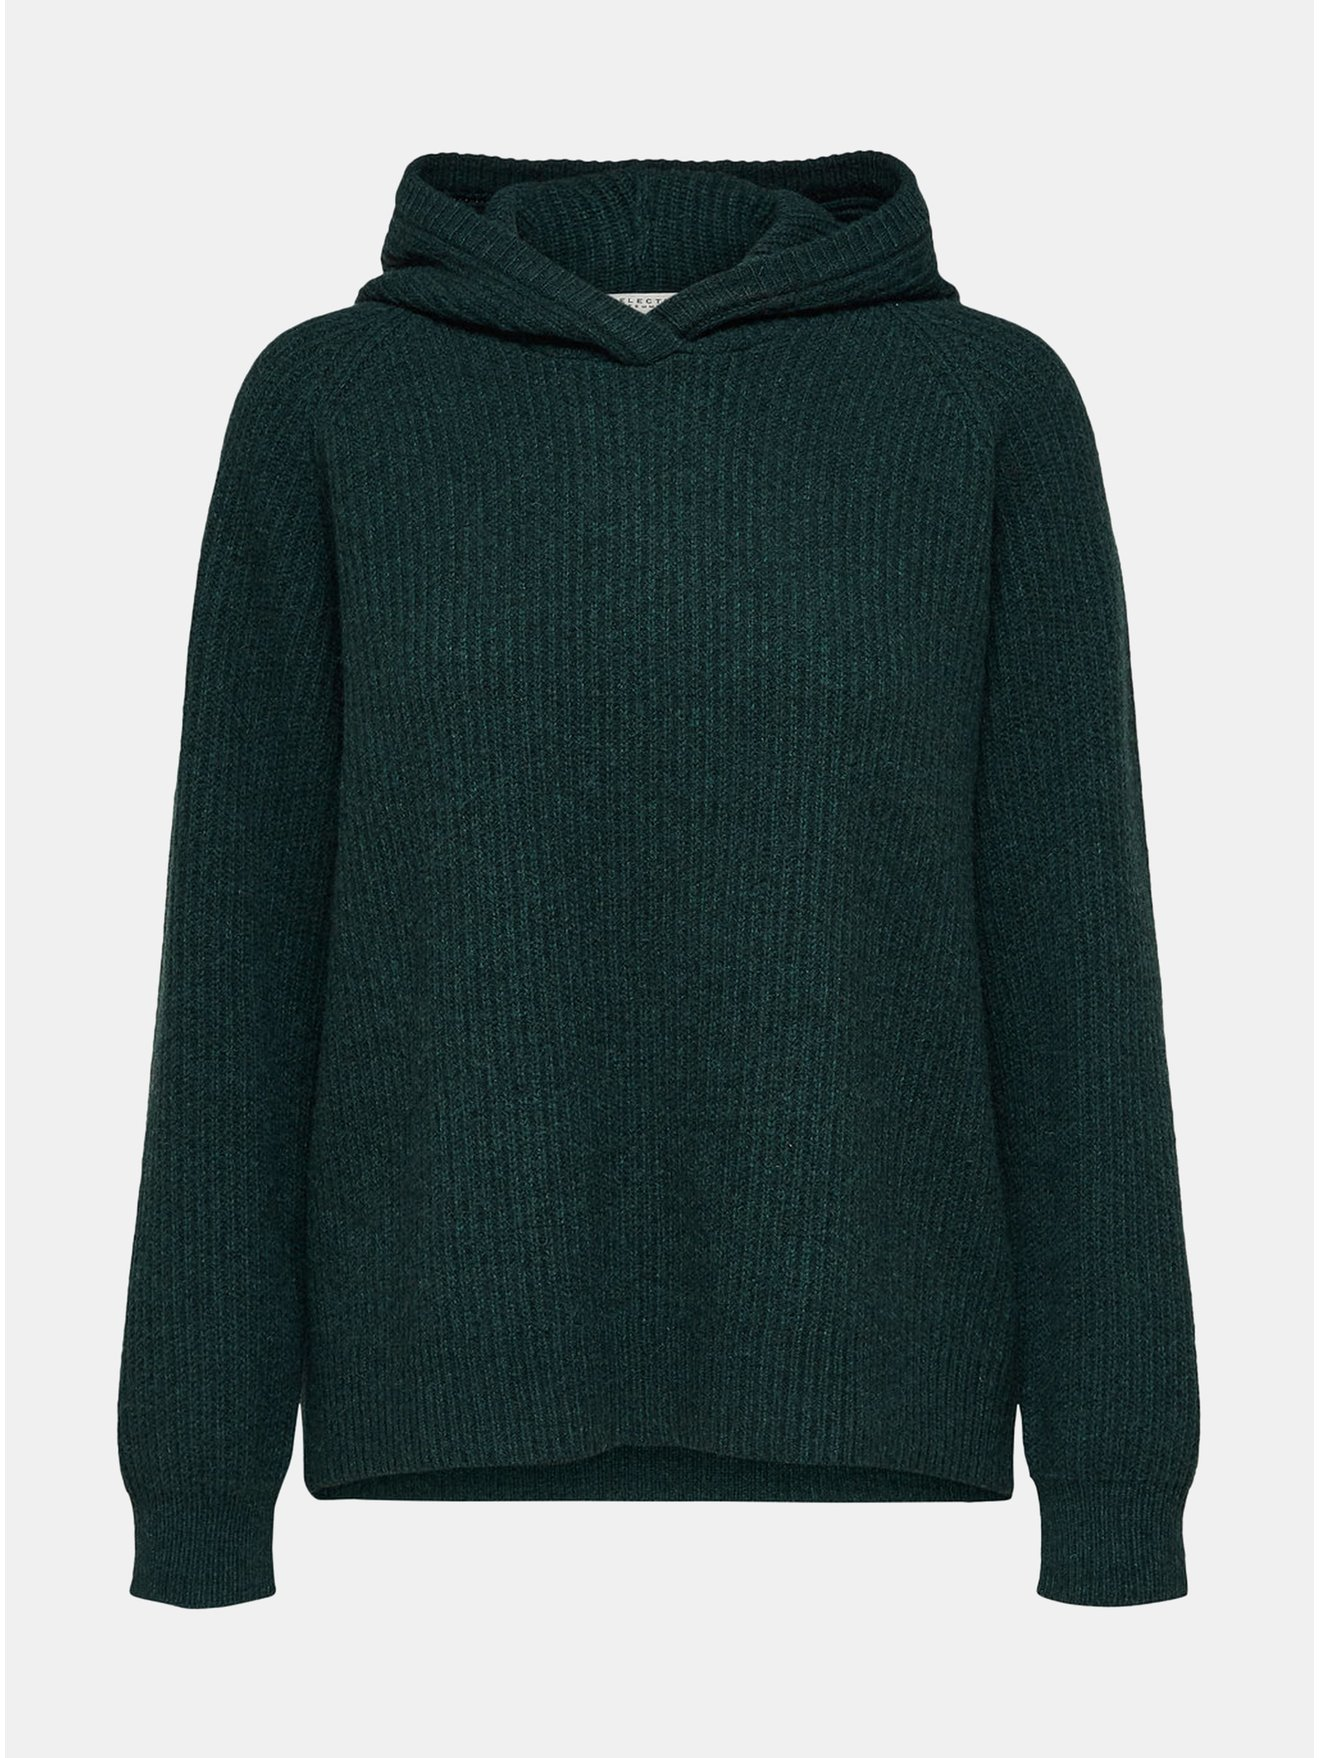 Tmavě zelený volný vlněný svetr s kapucí Selected Femme Kenna f5e517a6f7